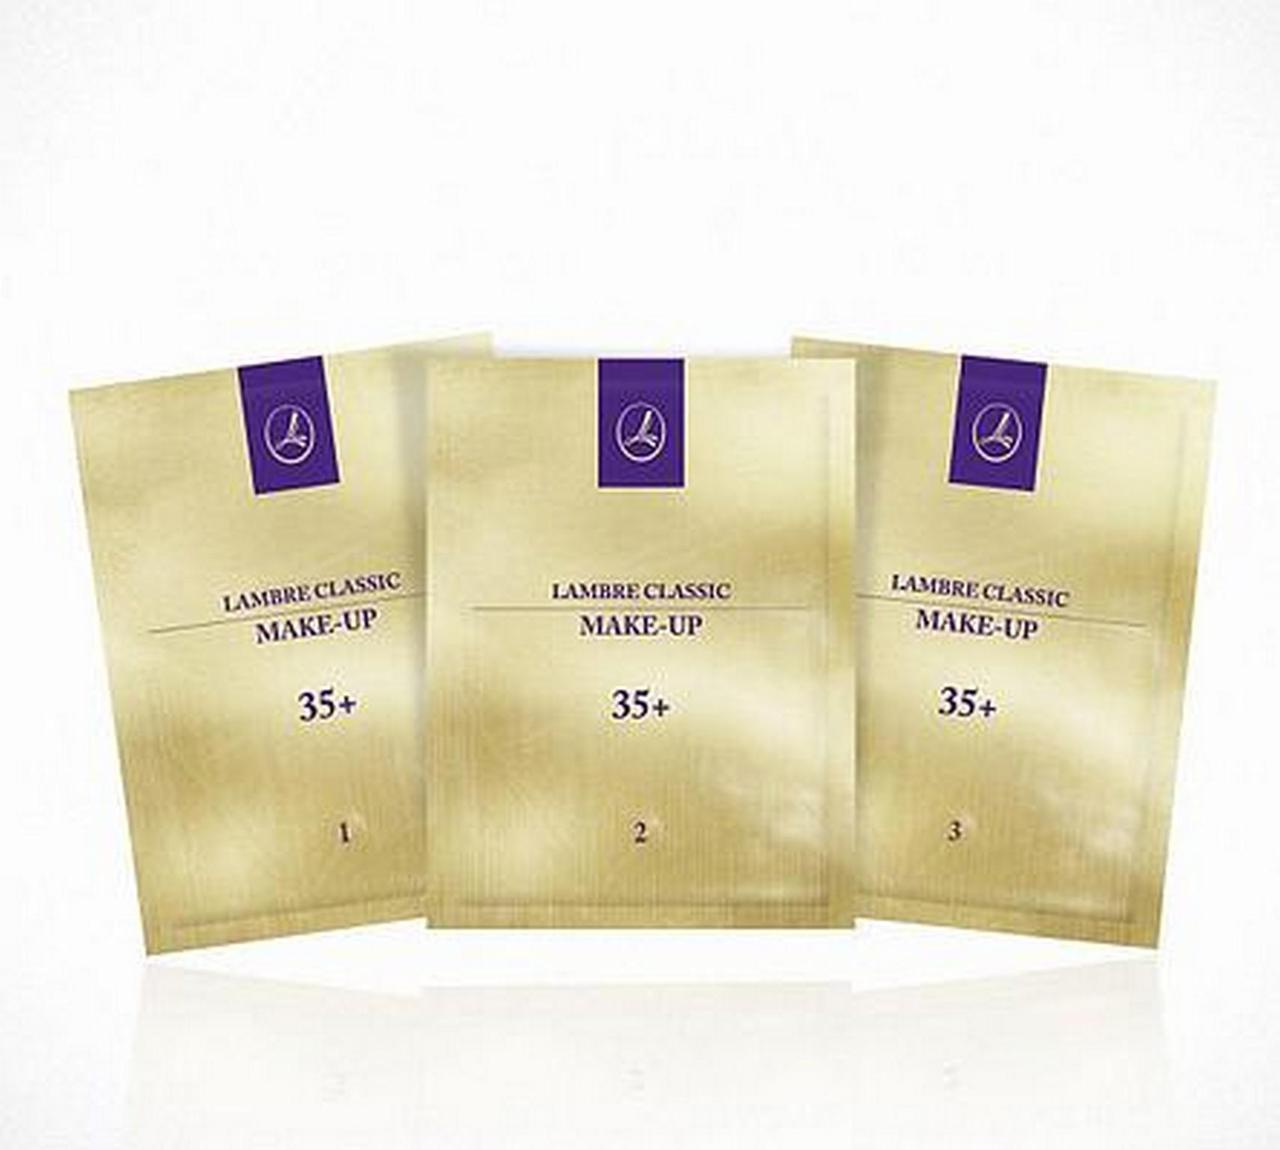 ТЕСТЕР Тональная основа с гиалуроновой кислотой (эффект лифтинга) Make-up Gold 35+ №1 Слоновая кость 2мл